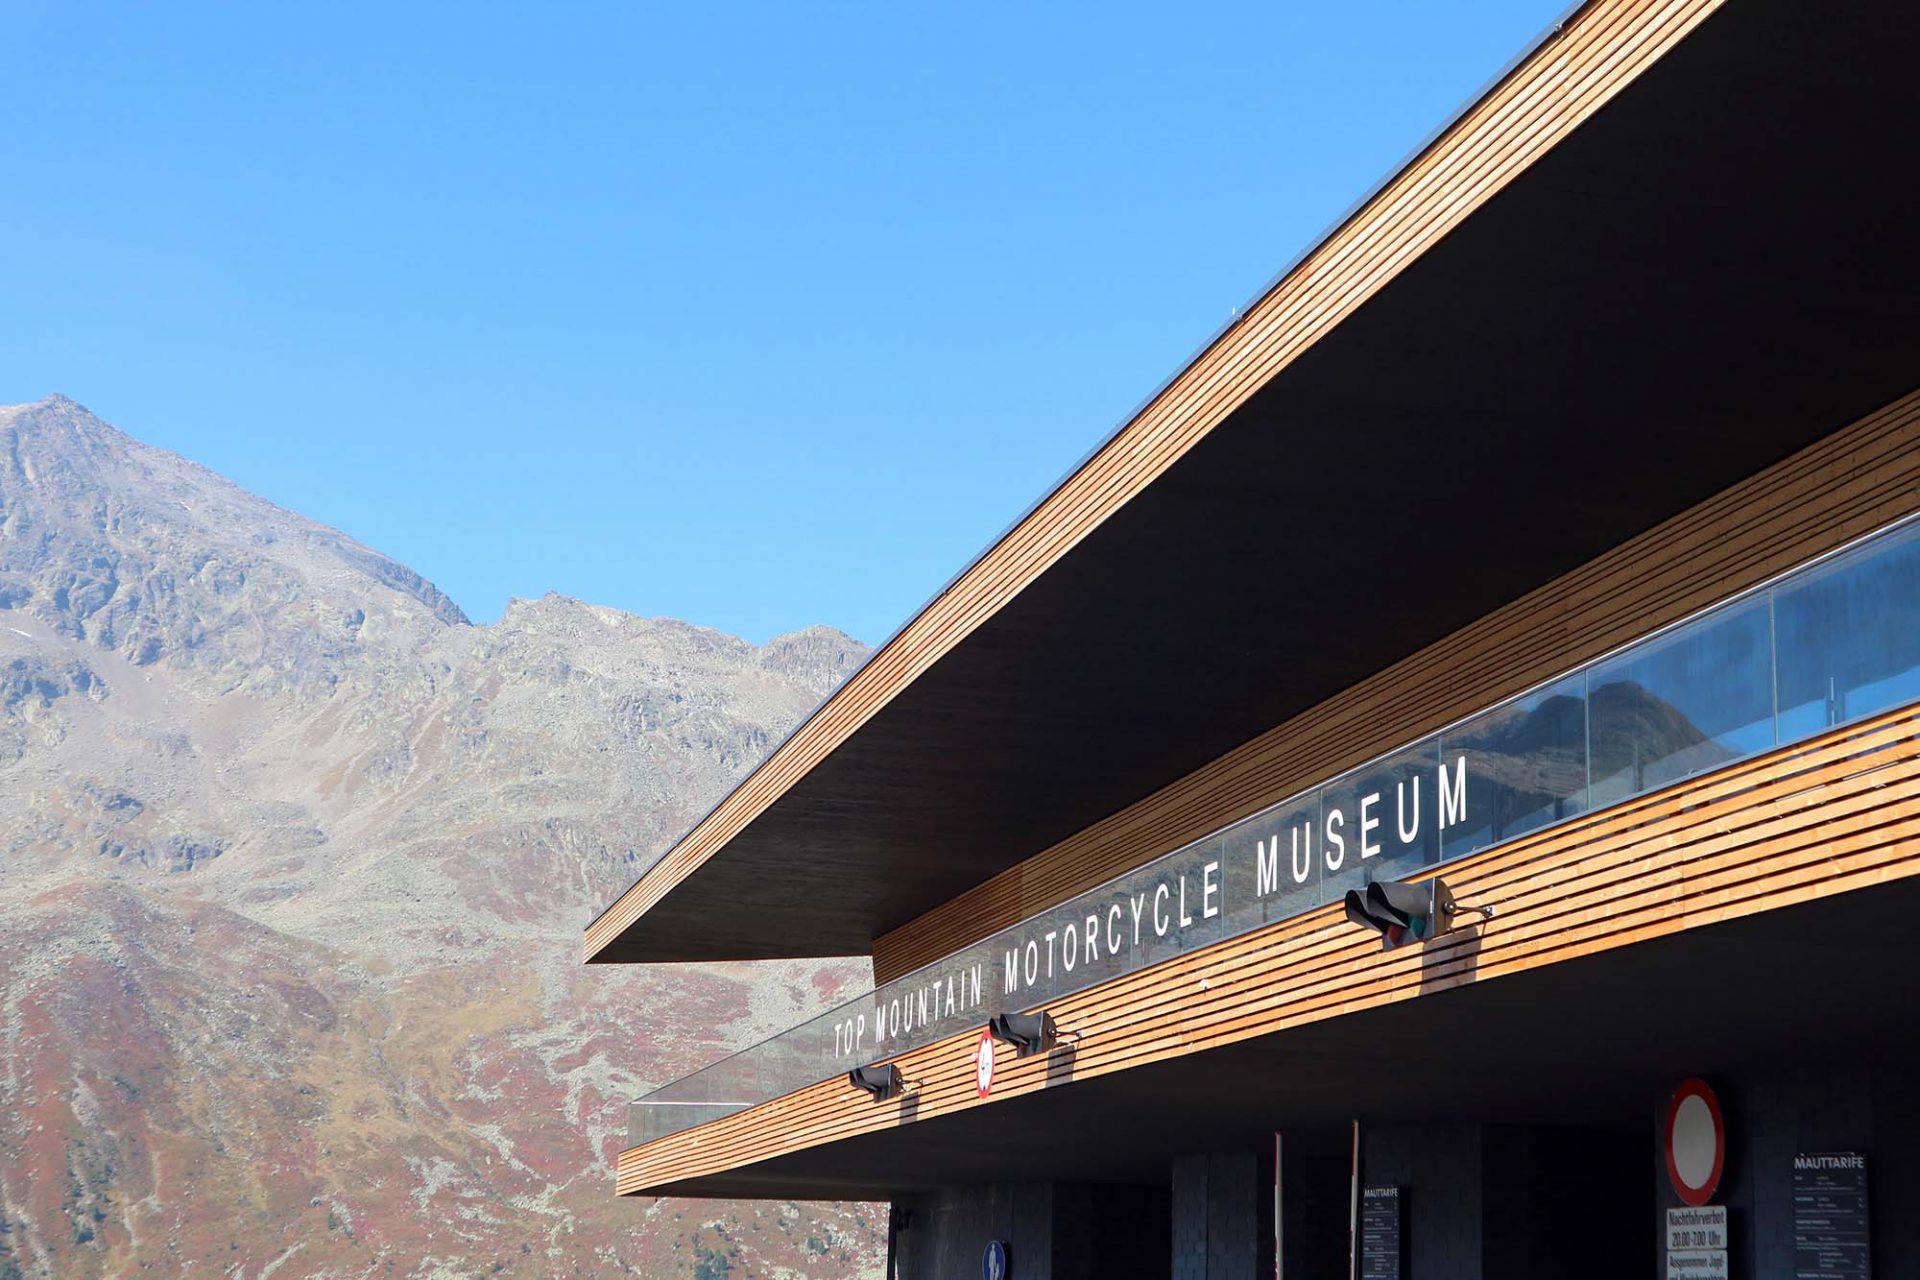 Top Mountain Motorcycle Museum.  Herzstück der Anlage ist das höchstgelegene Motorrad-Museum Europas.